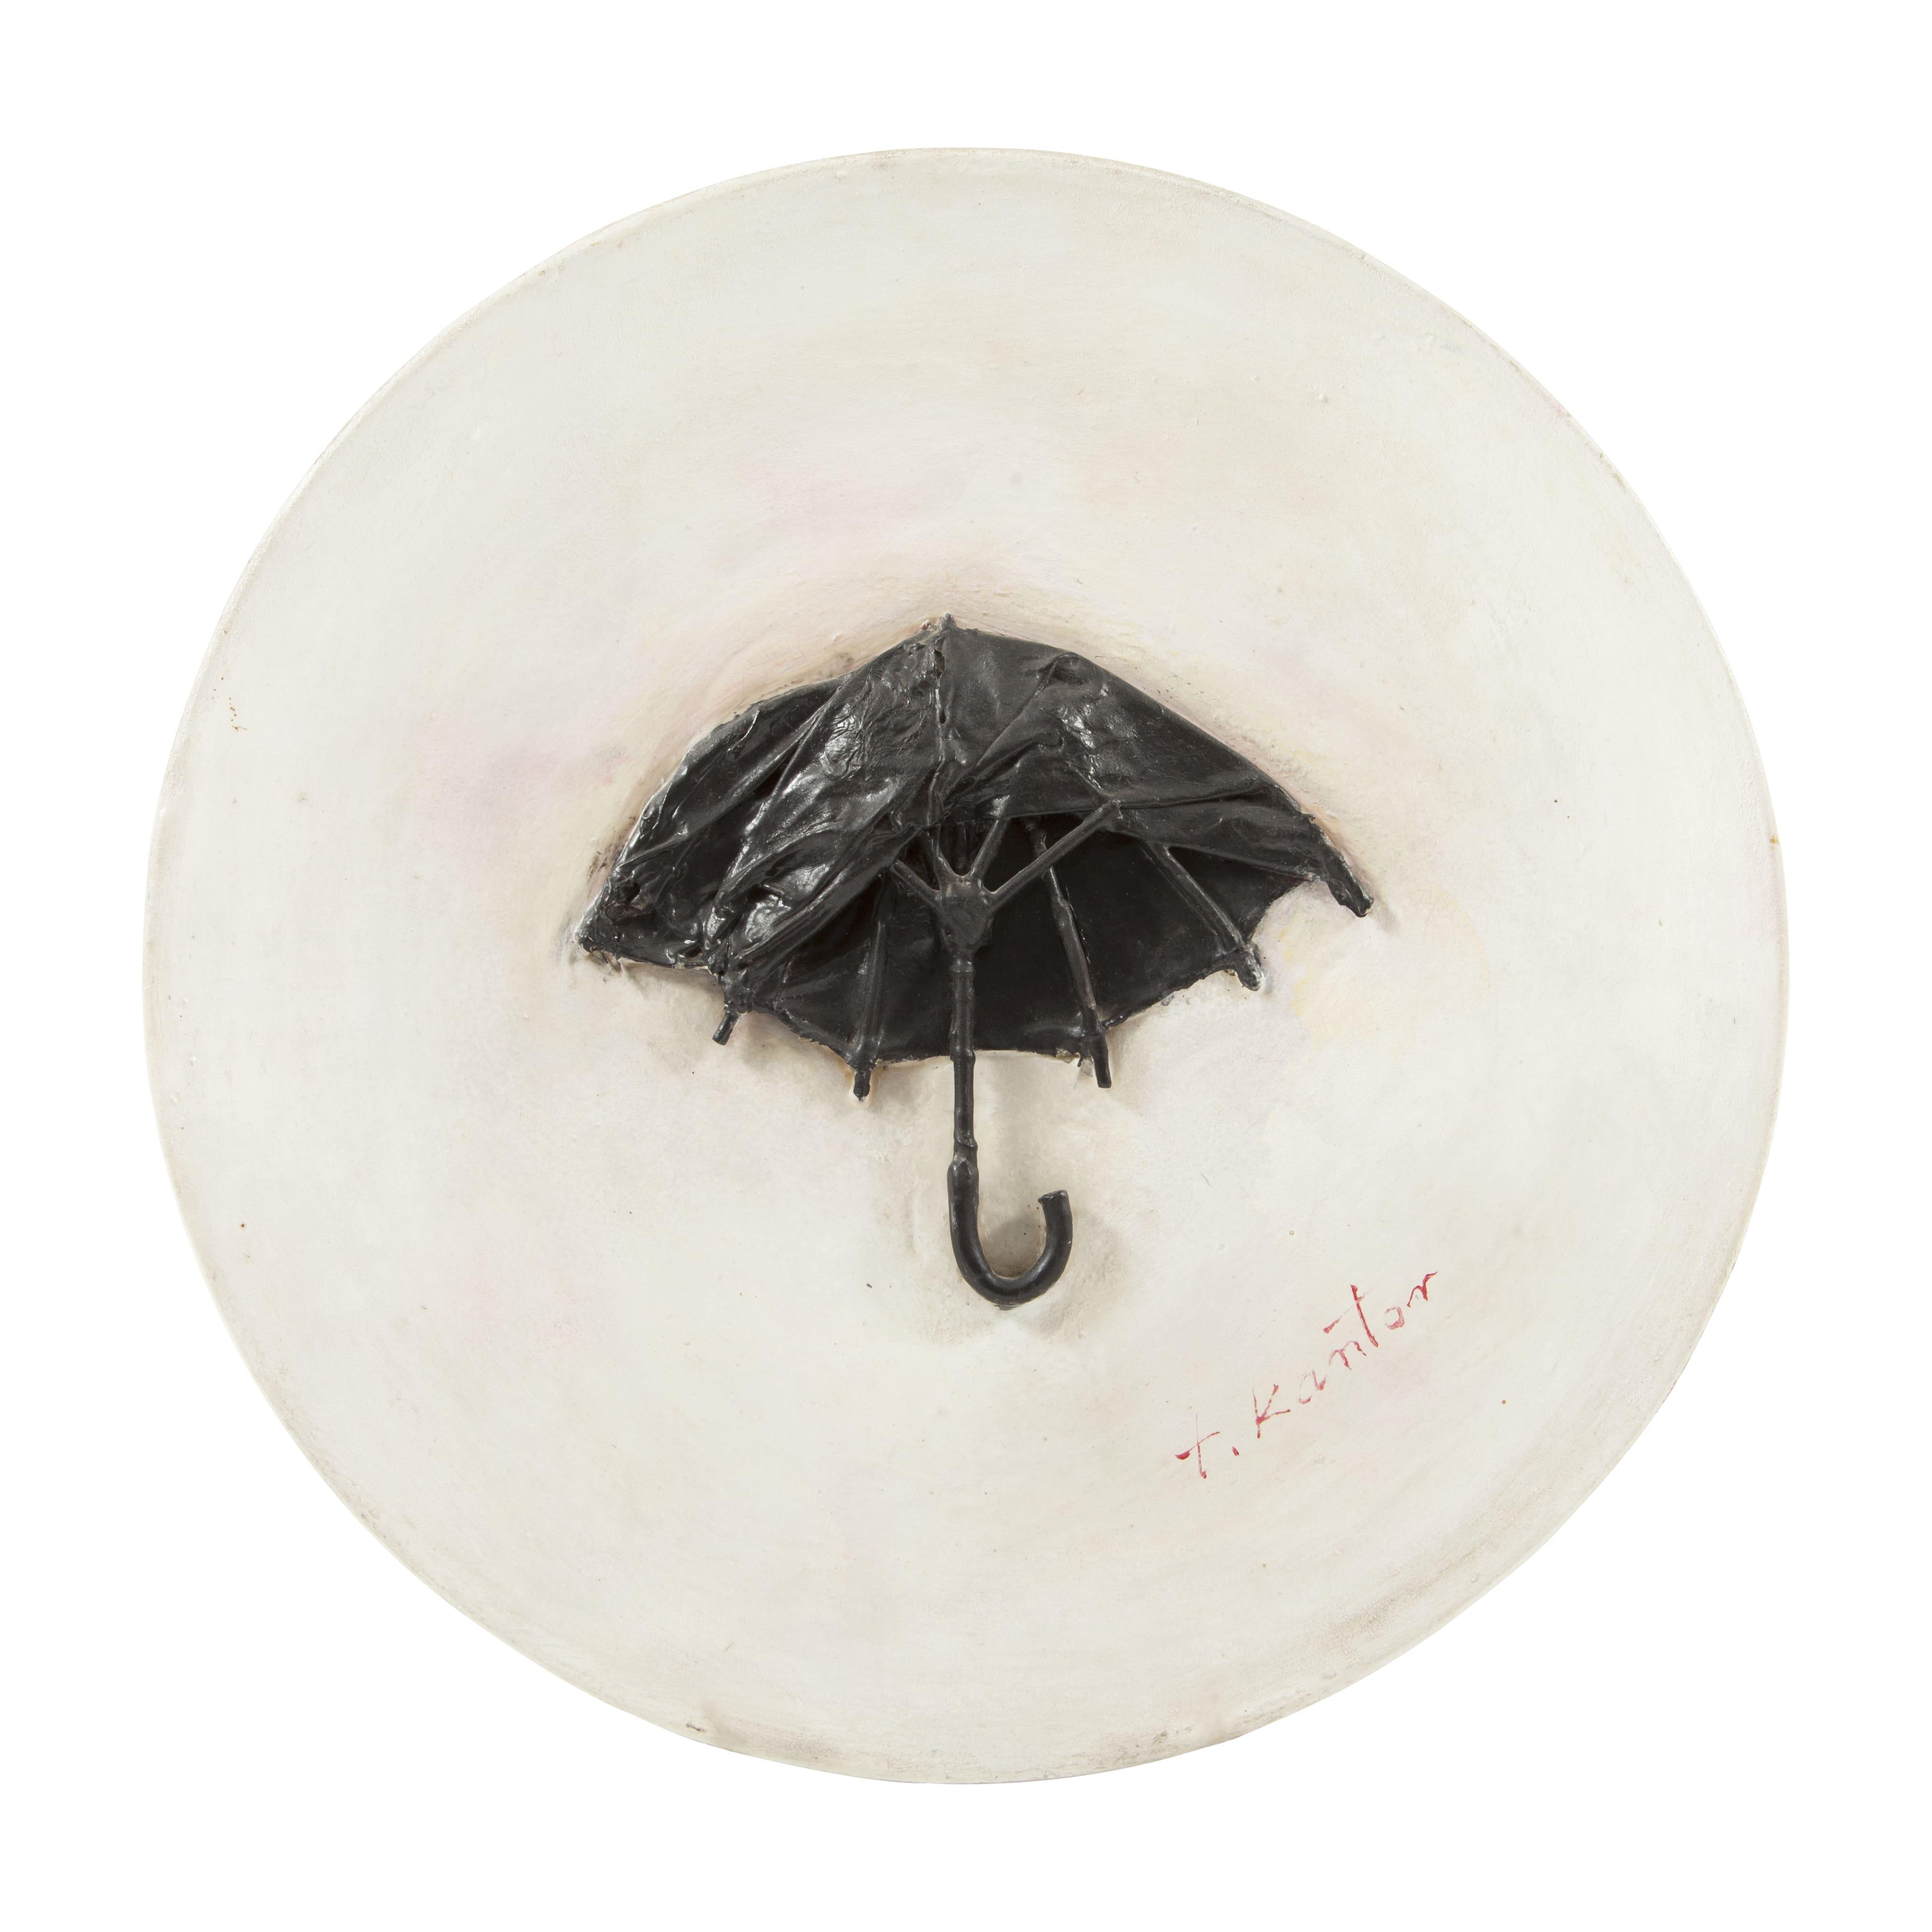 Tadeusz Kantor, Ambalaż z parasolem, 1973